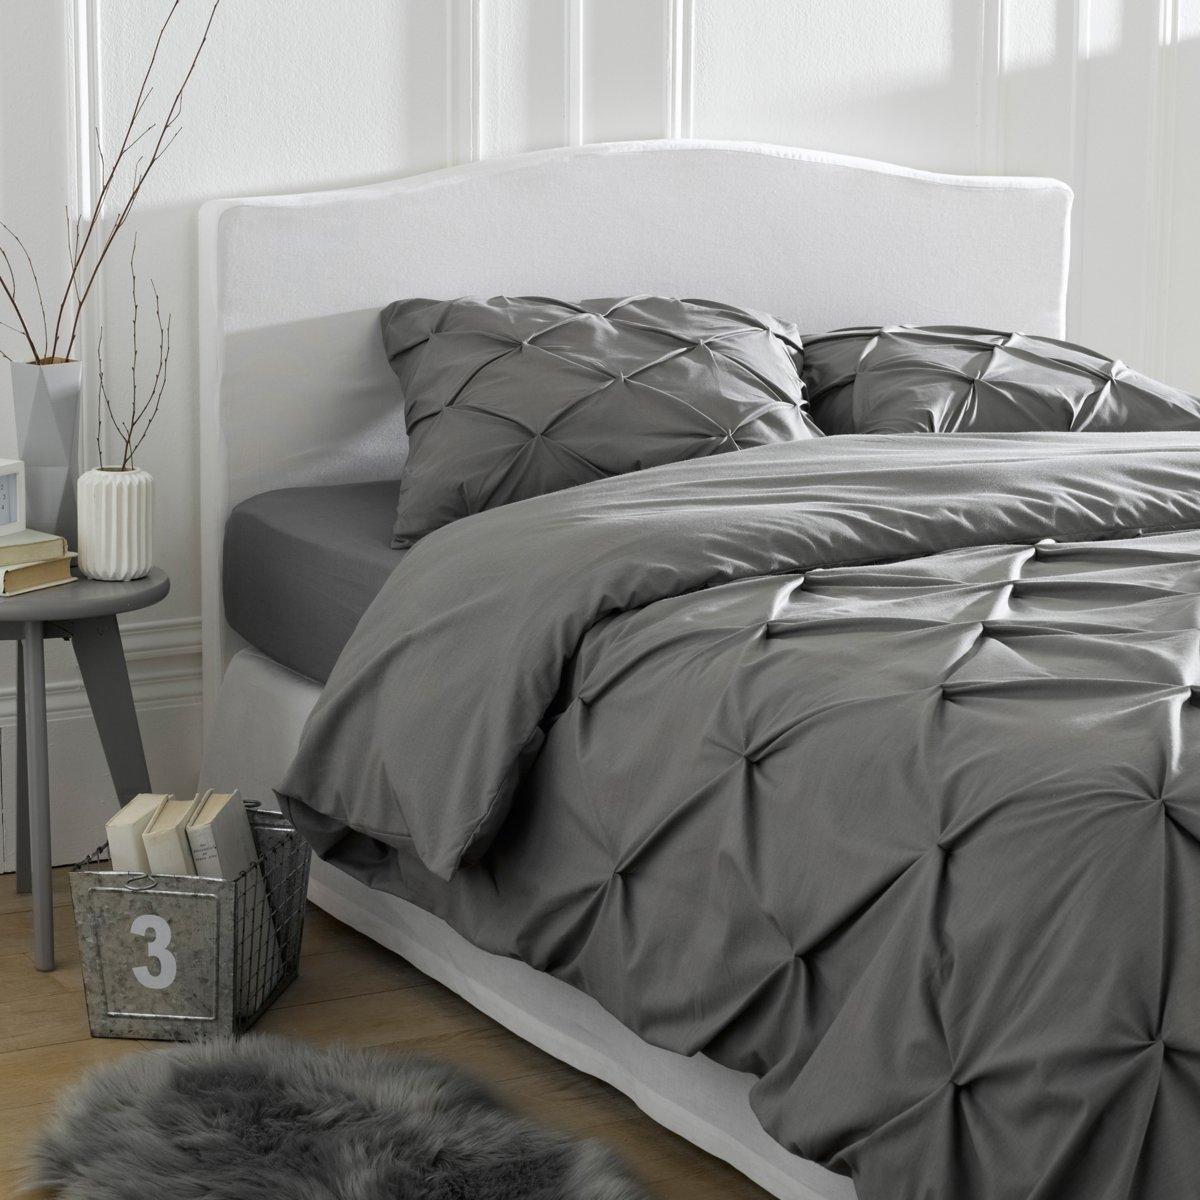 Чехол для изголовья кровати округлой формы